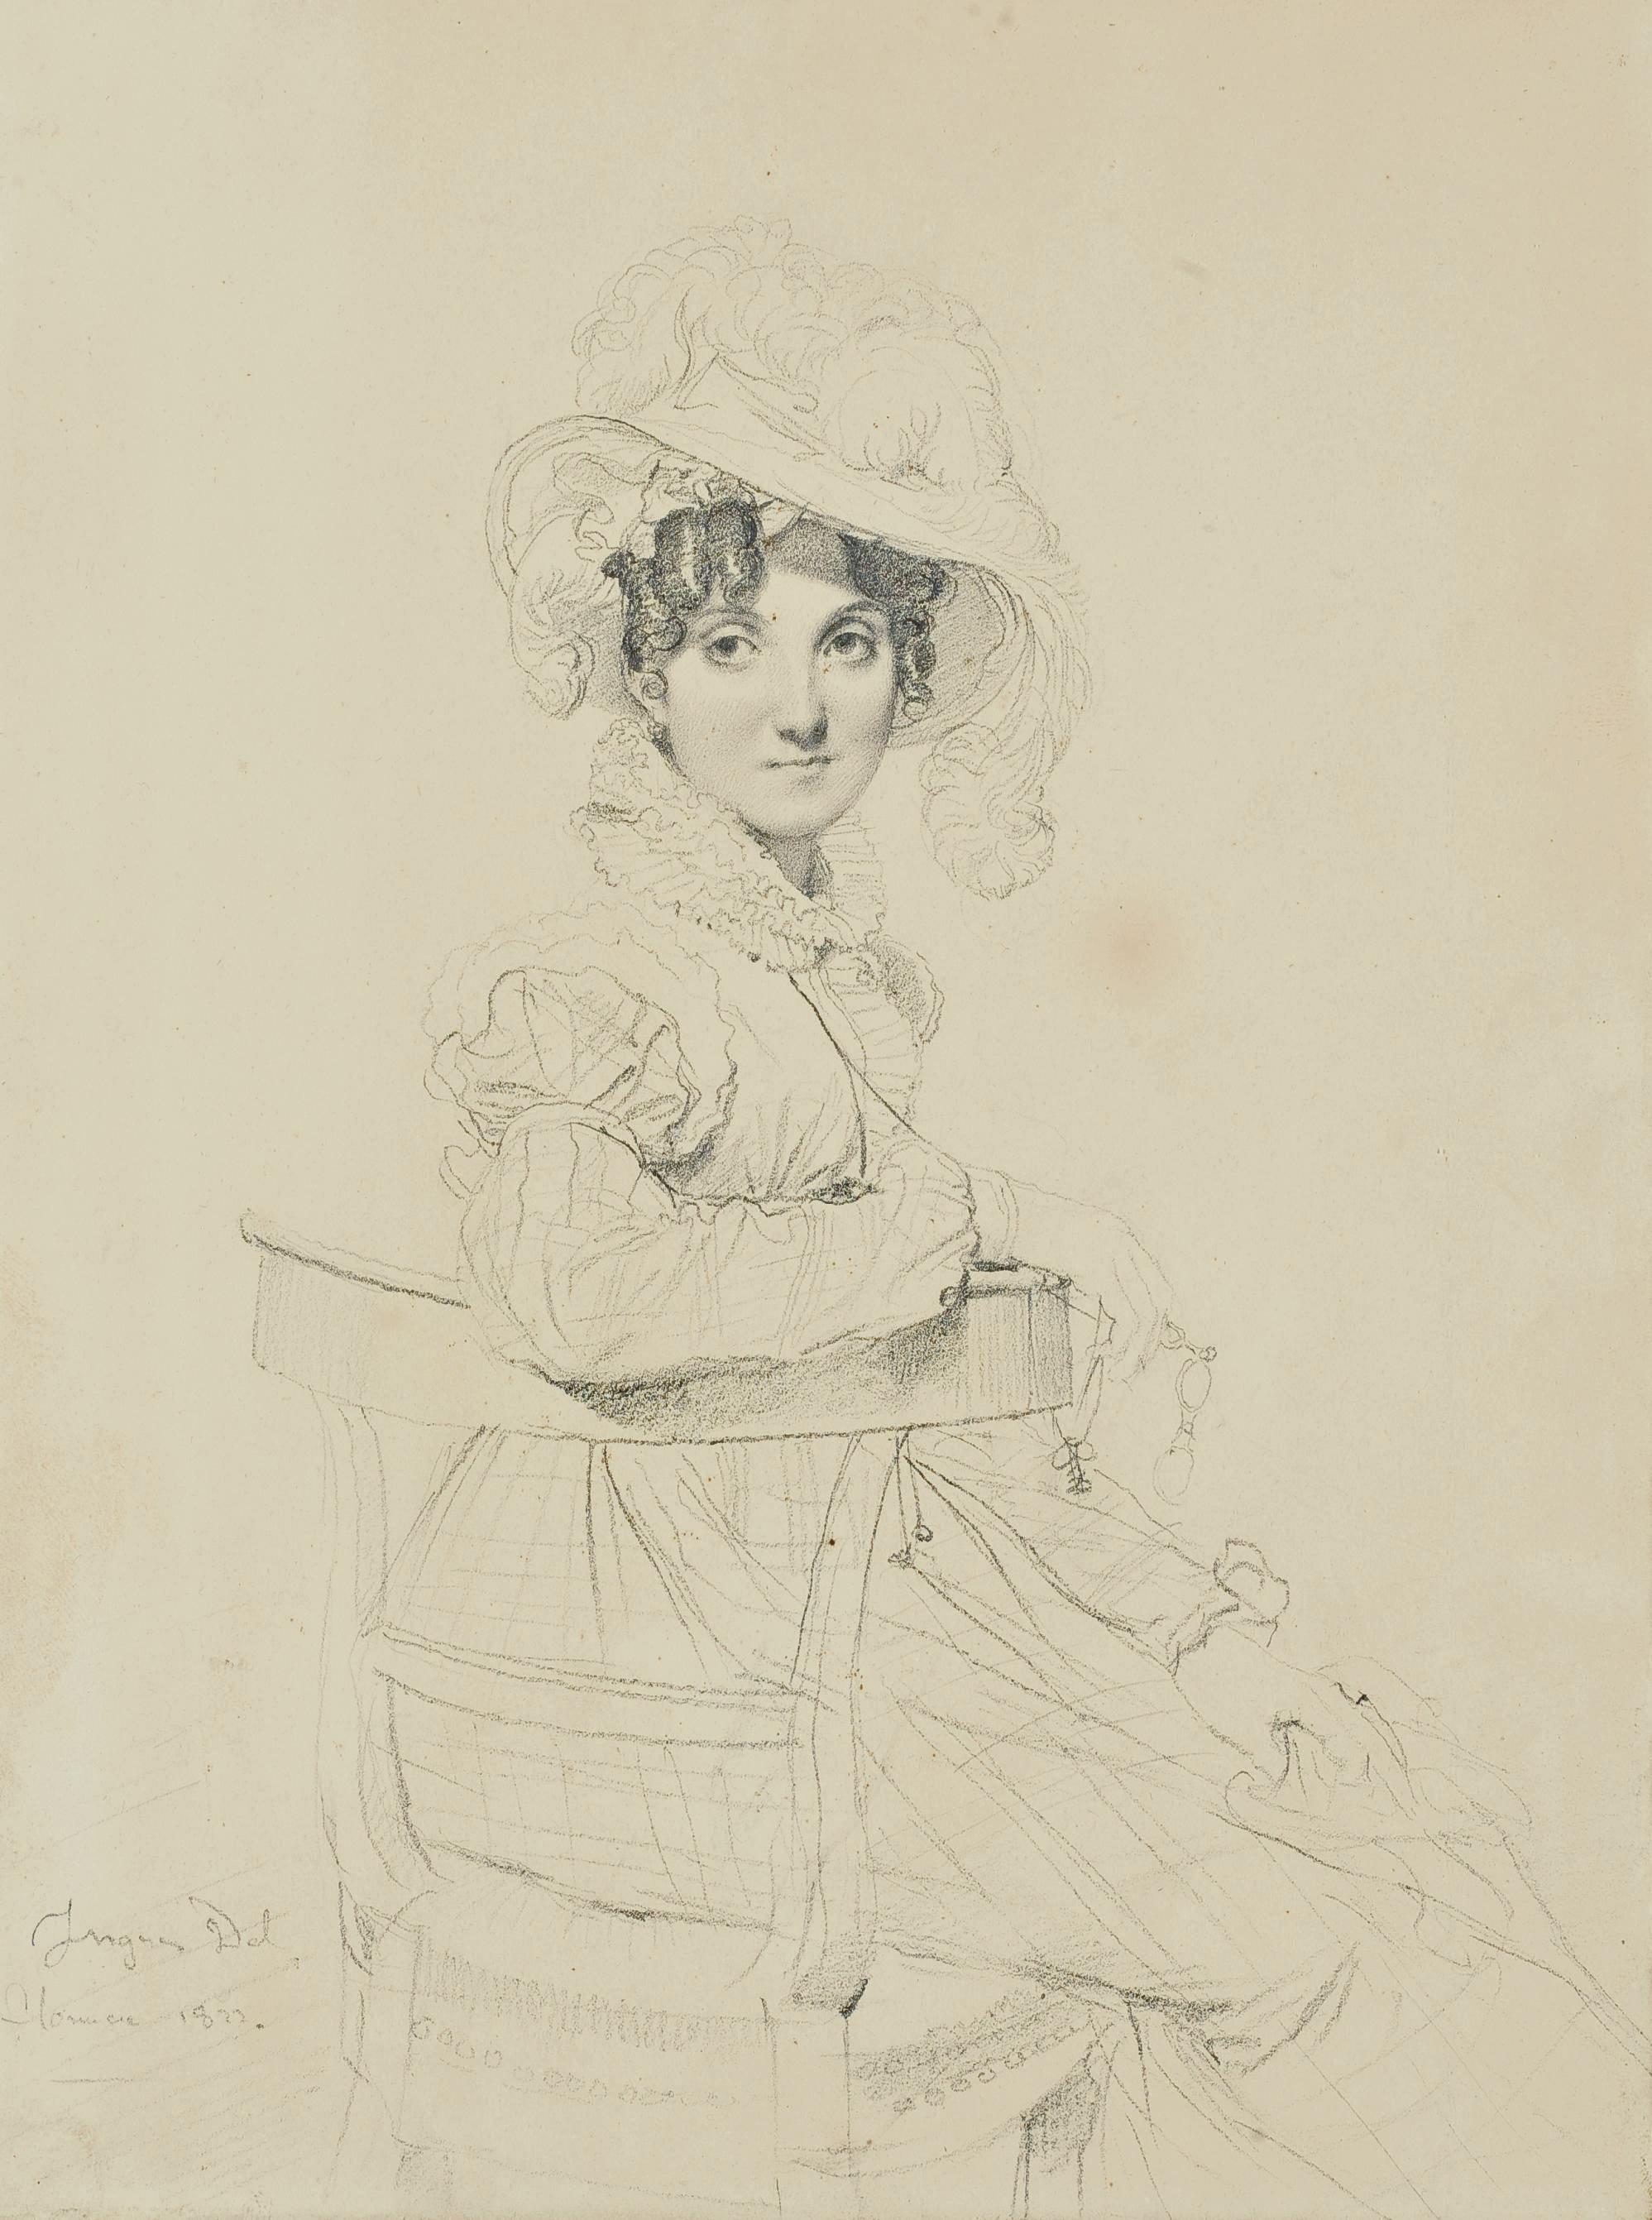 Portrait de la Comtesse Amédée de Pastoret, née Alphonsine Alexandre de Neufermeil de Montry